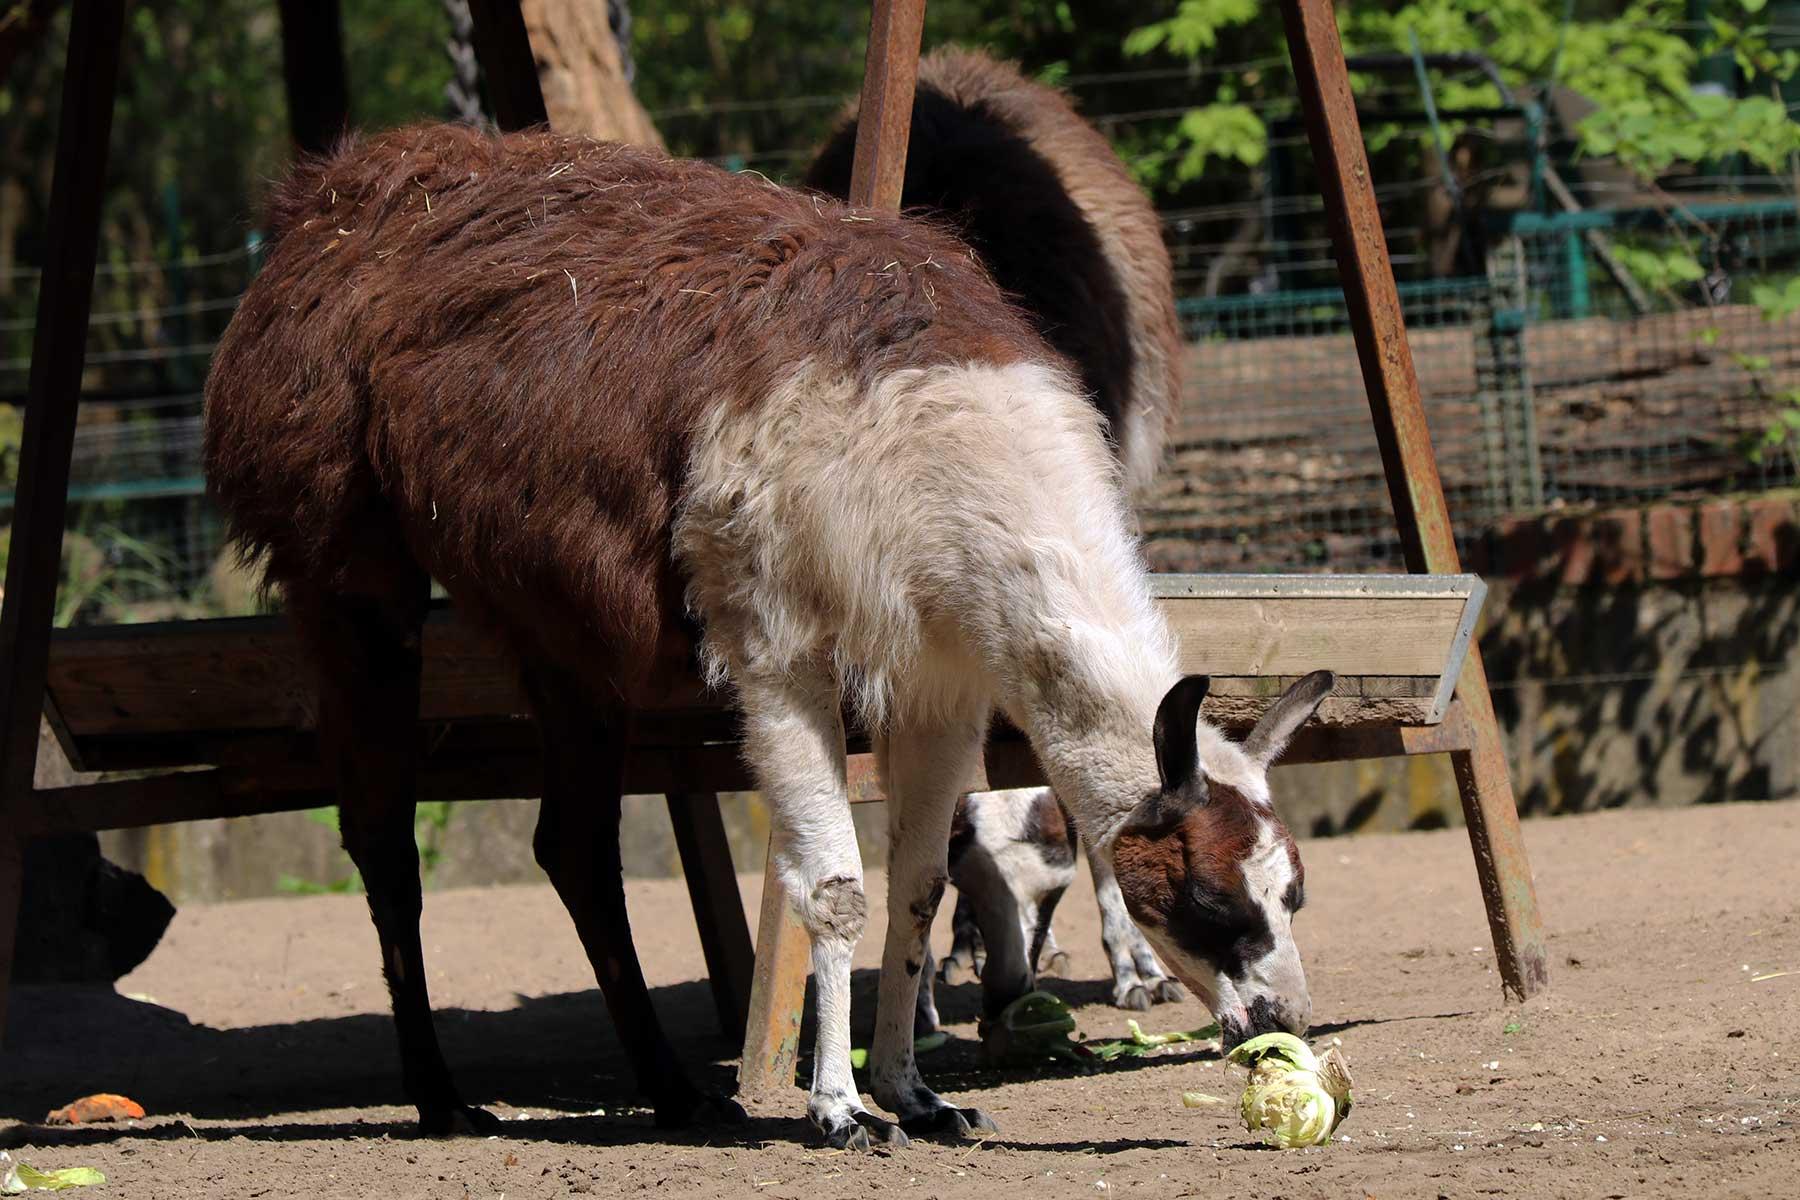 Bilder vom Besuch im Zoologischen Garten Eberswalde Zoologischer-garten-eberswalde-Besuch_19